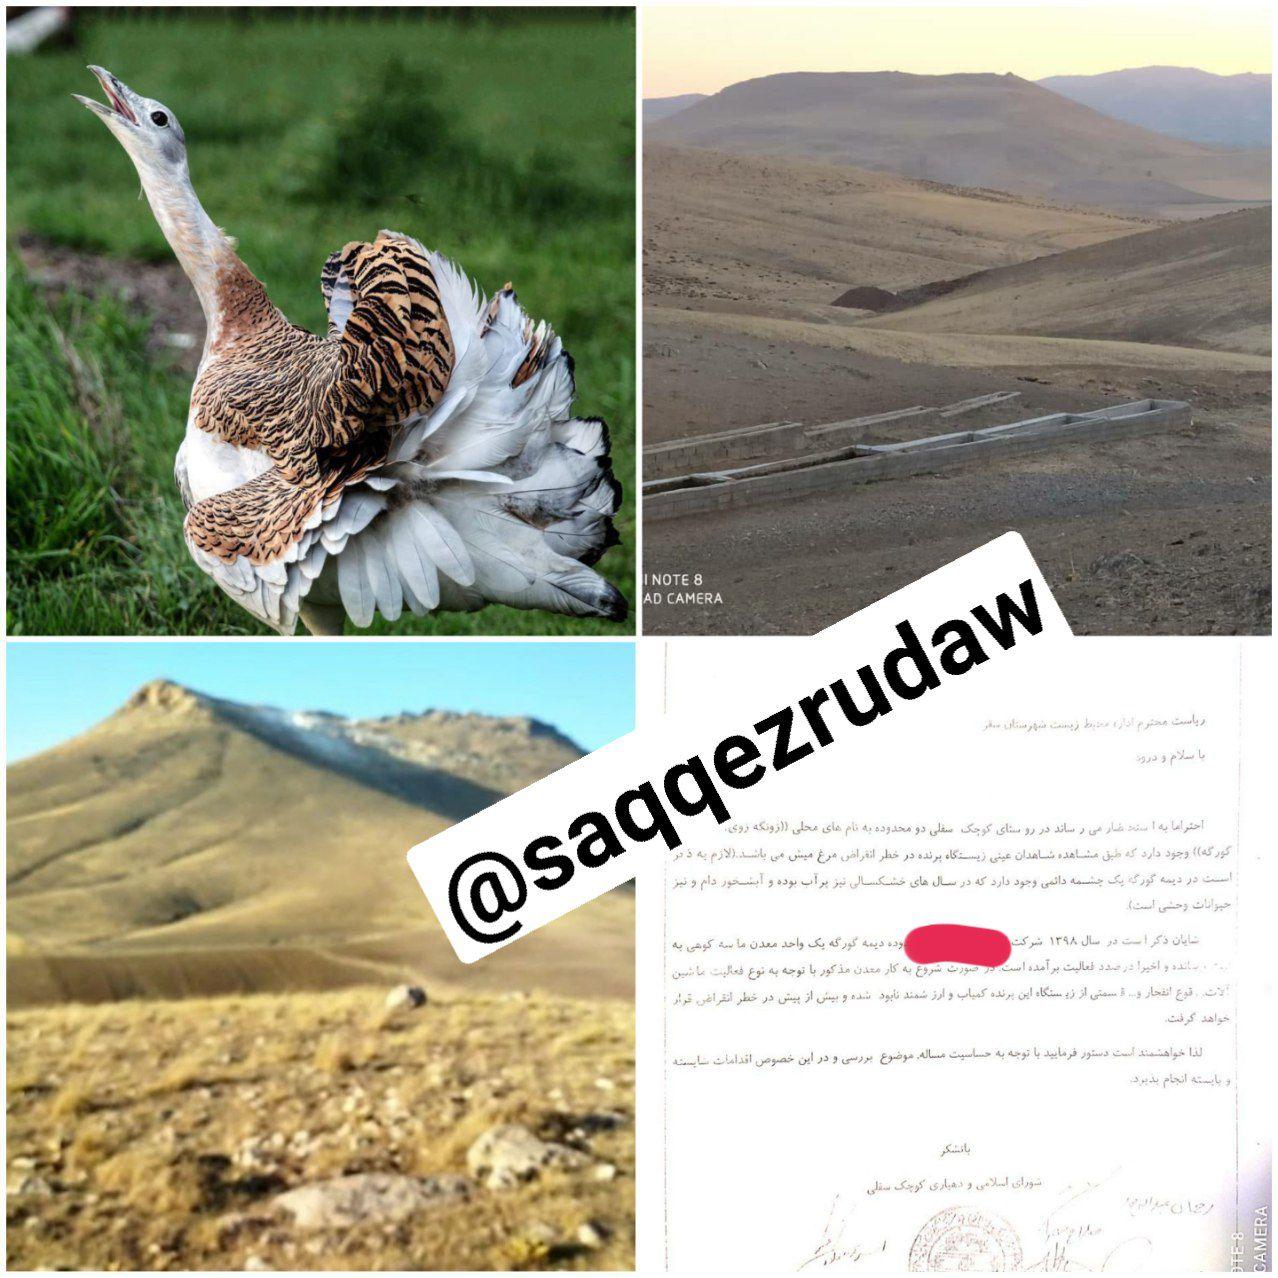 تهدید زیستگاه میش مرغ ها با صدور مجوز کارگاه معدن شن کوهی در روستای کوچک سفلی